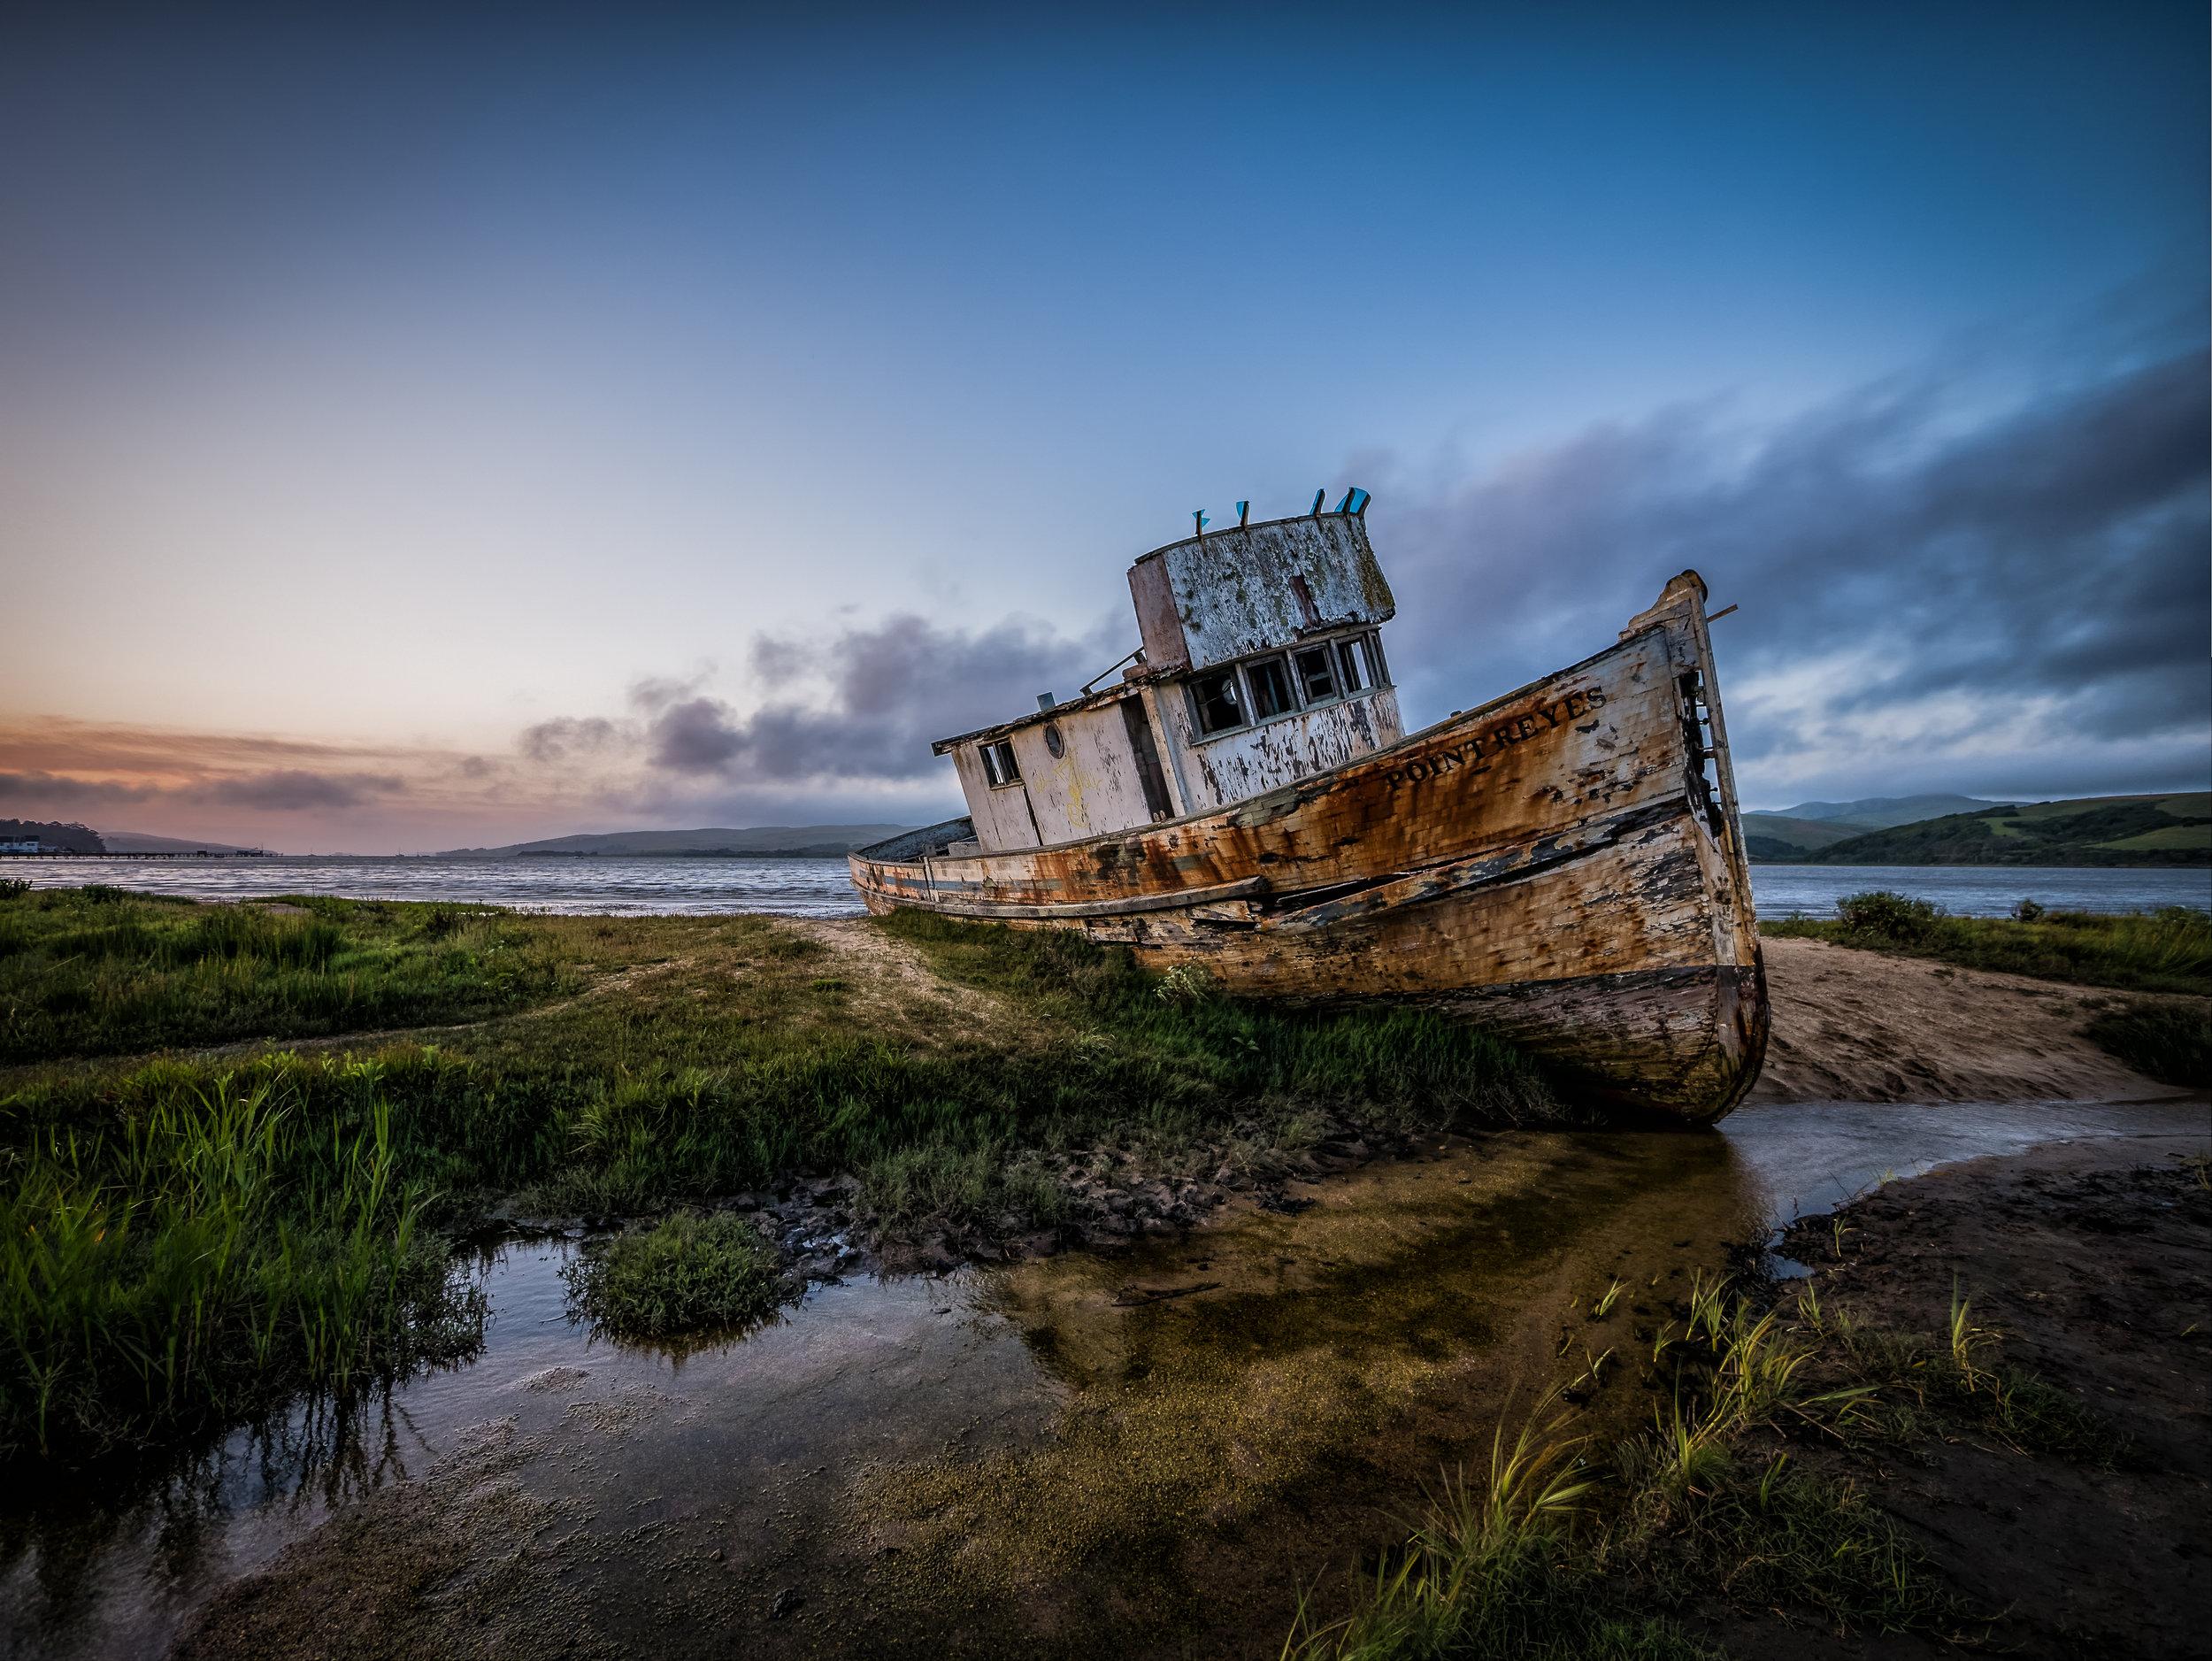 Run Aground Point Reyes Wreck at Inverness-4592 x 3448.jpg